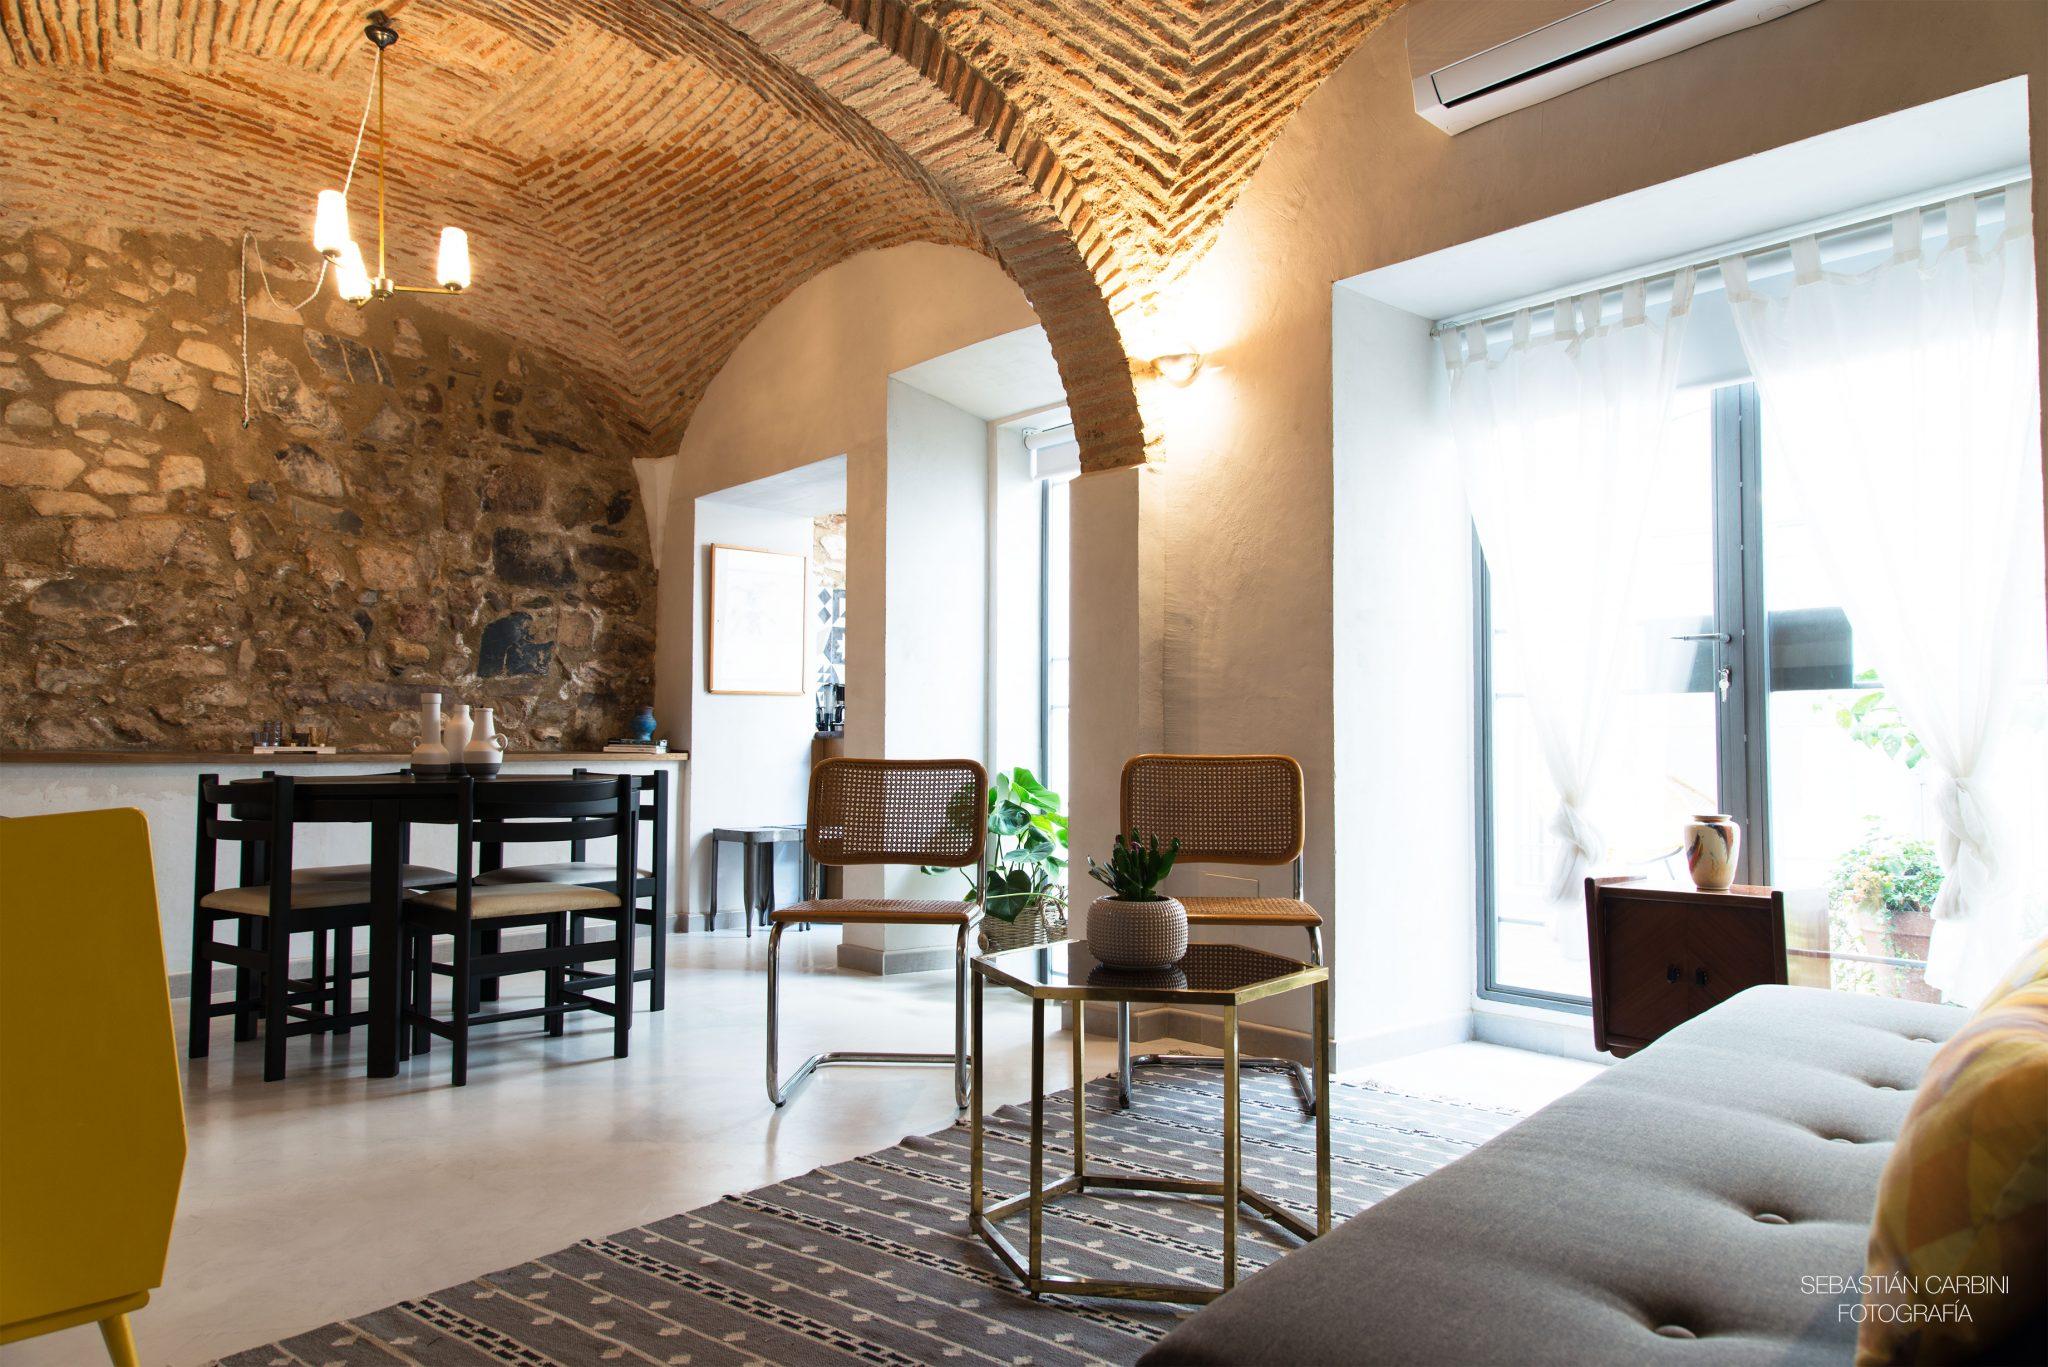 Apartamento boutique alquiler de apartamento tur stico en c ceres - Apartamentos caceres alquiler ...